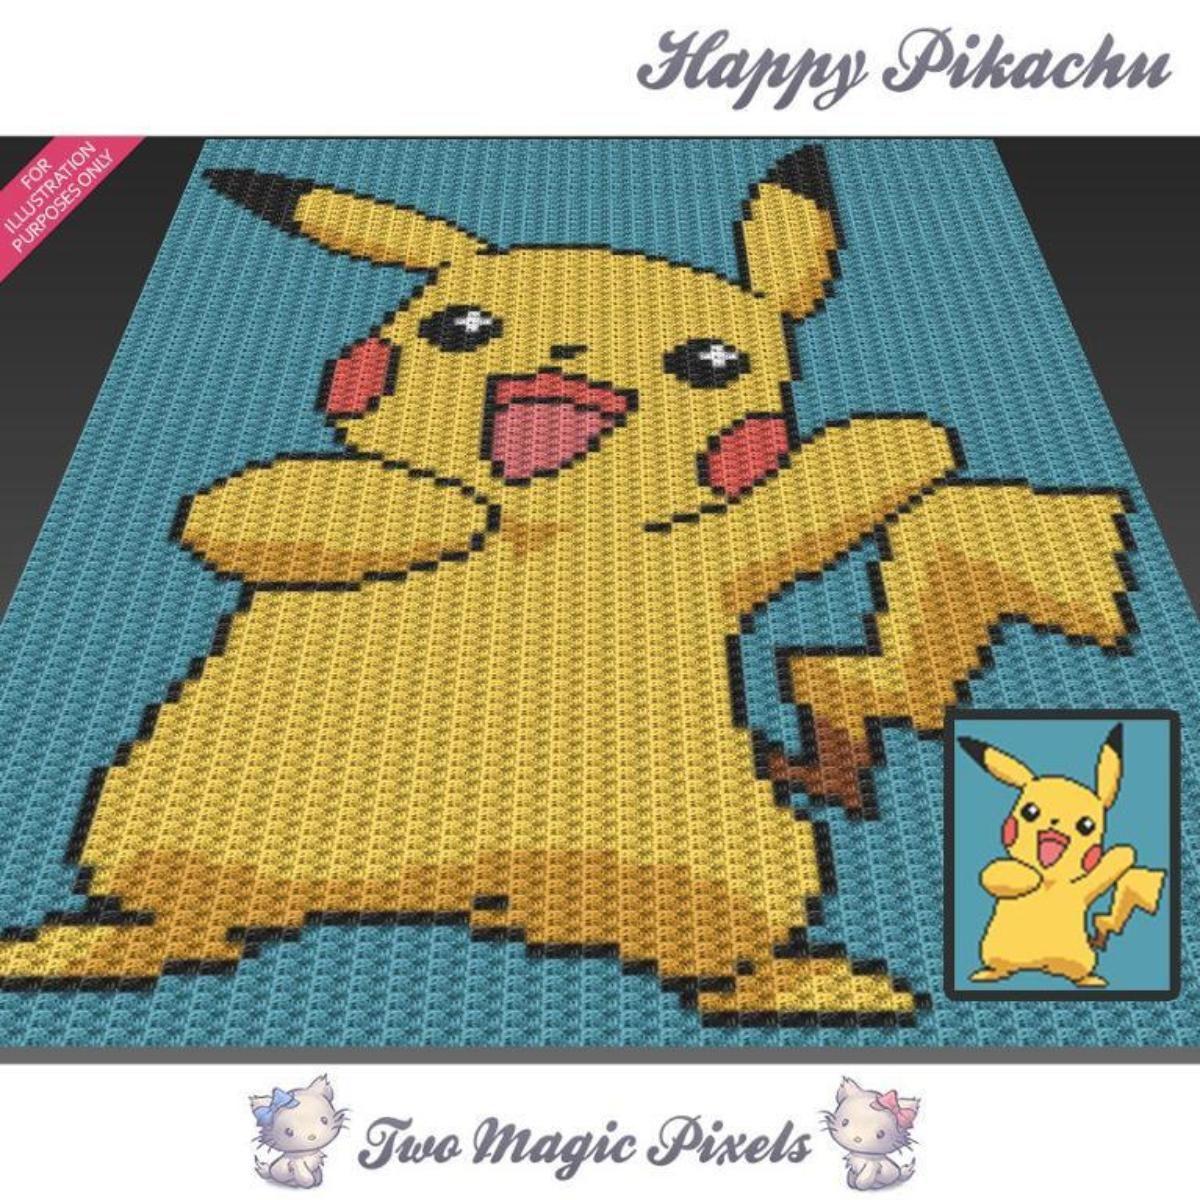 Happy Pikachu C2C Crochet Graph | Pinterest | Decken, Häkelideen und ...